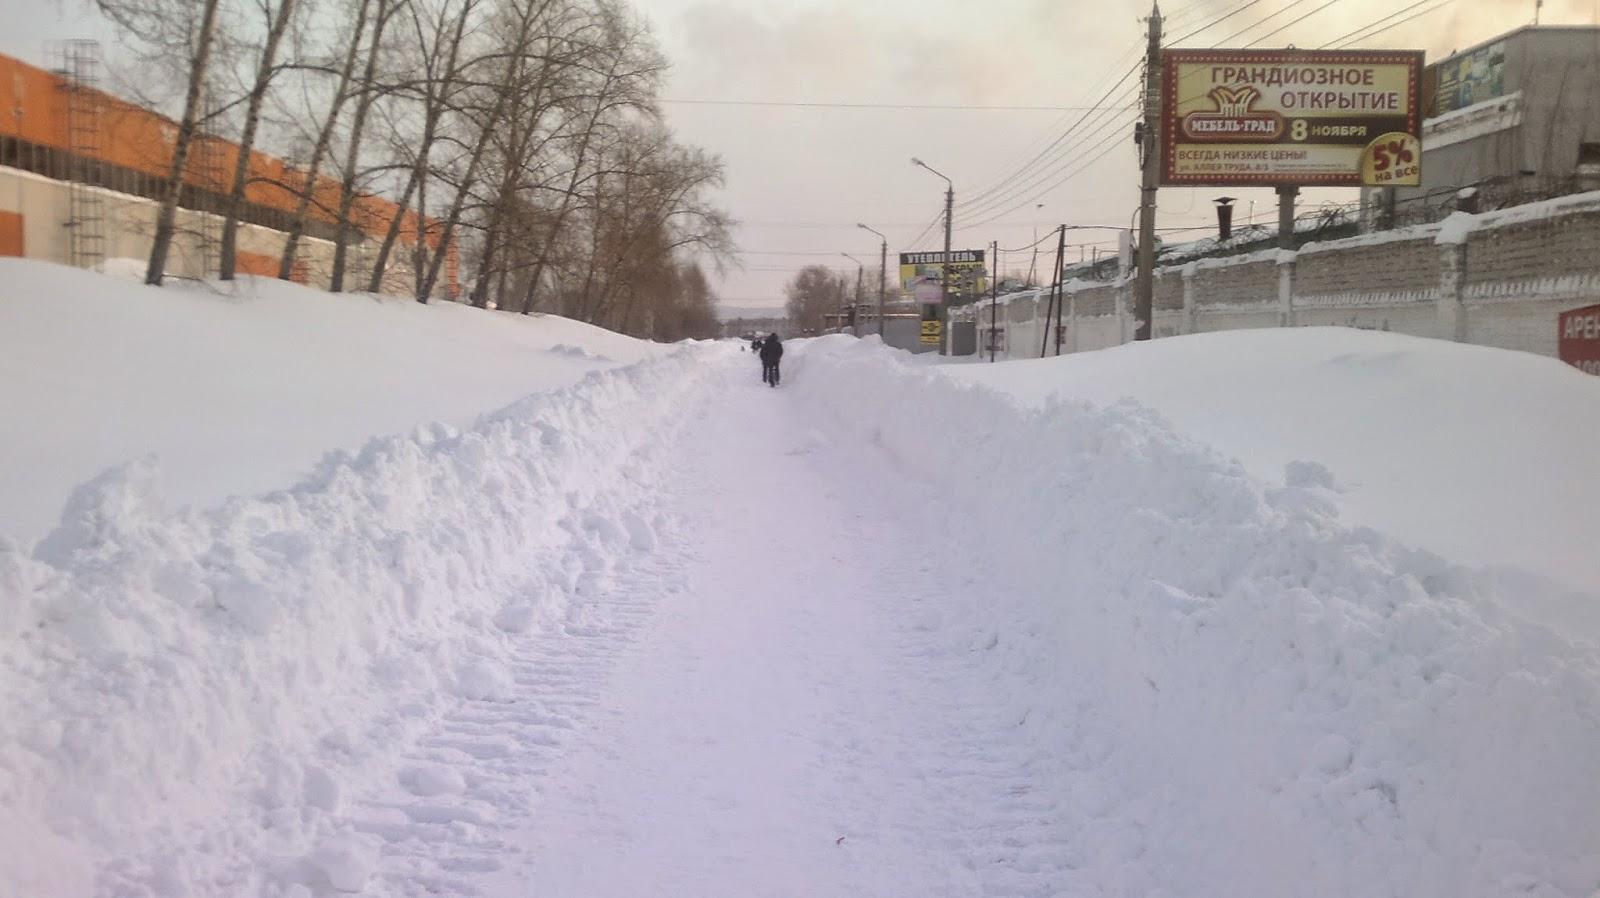 Магазин в снегу